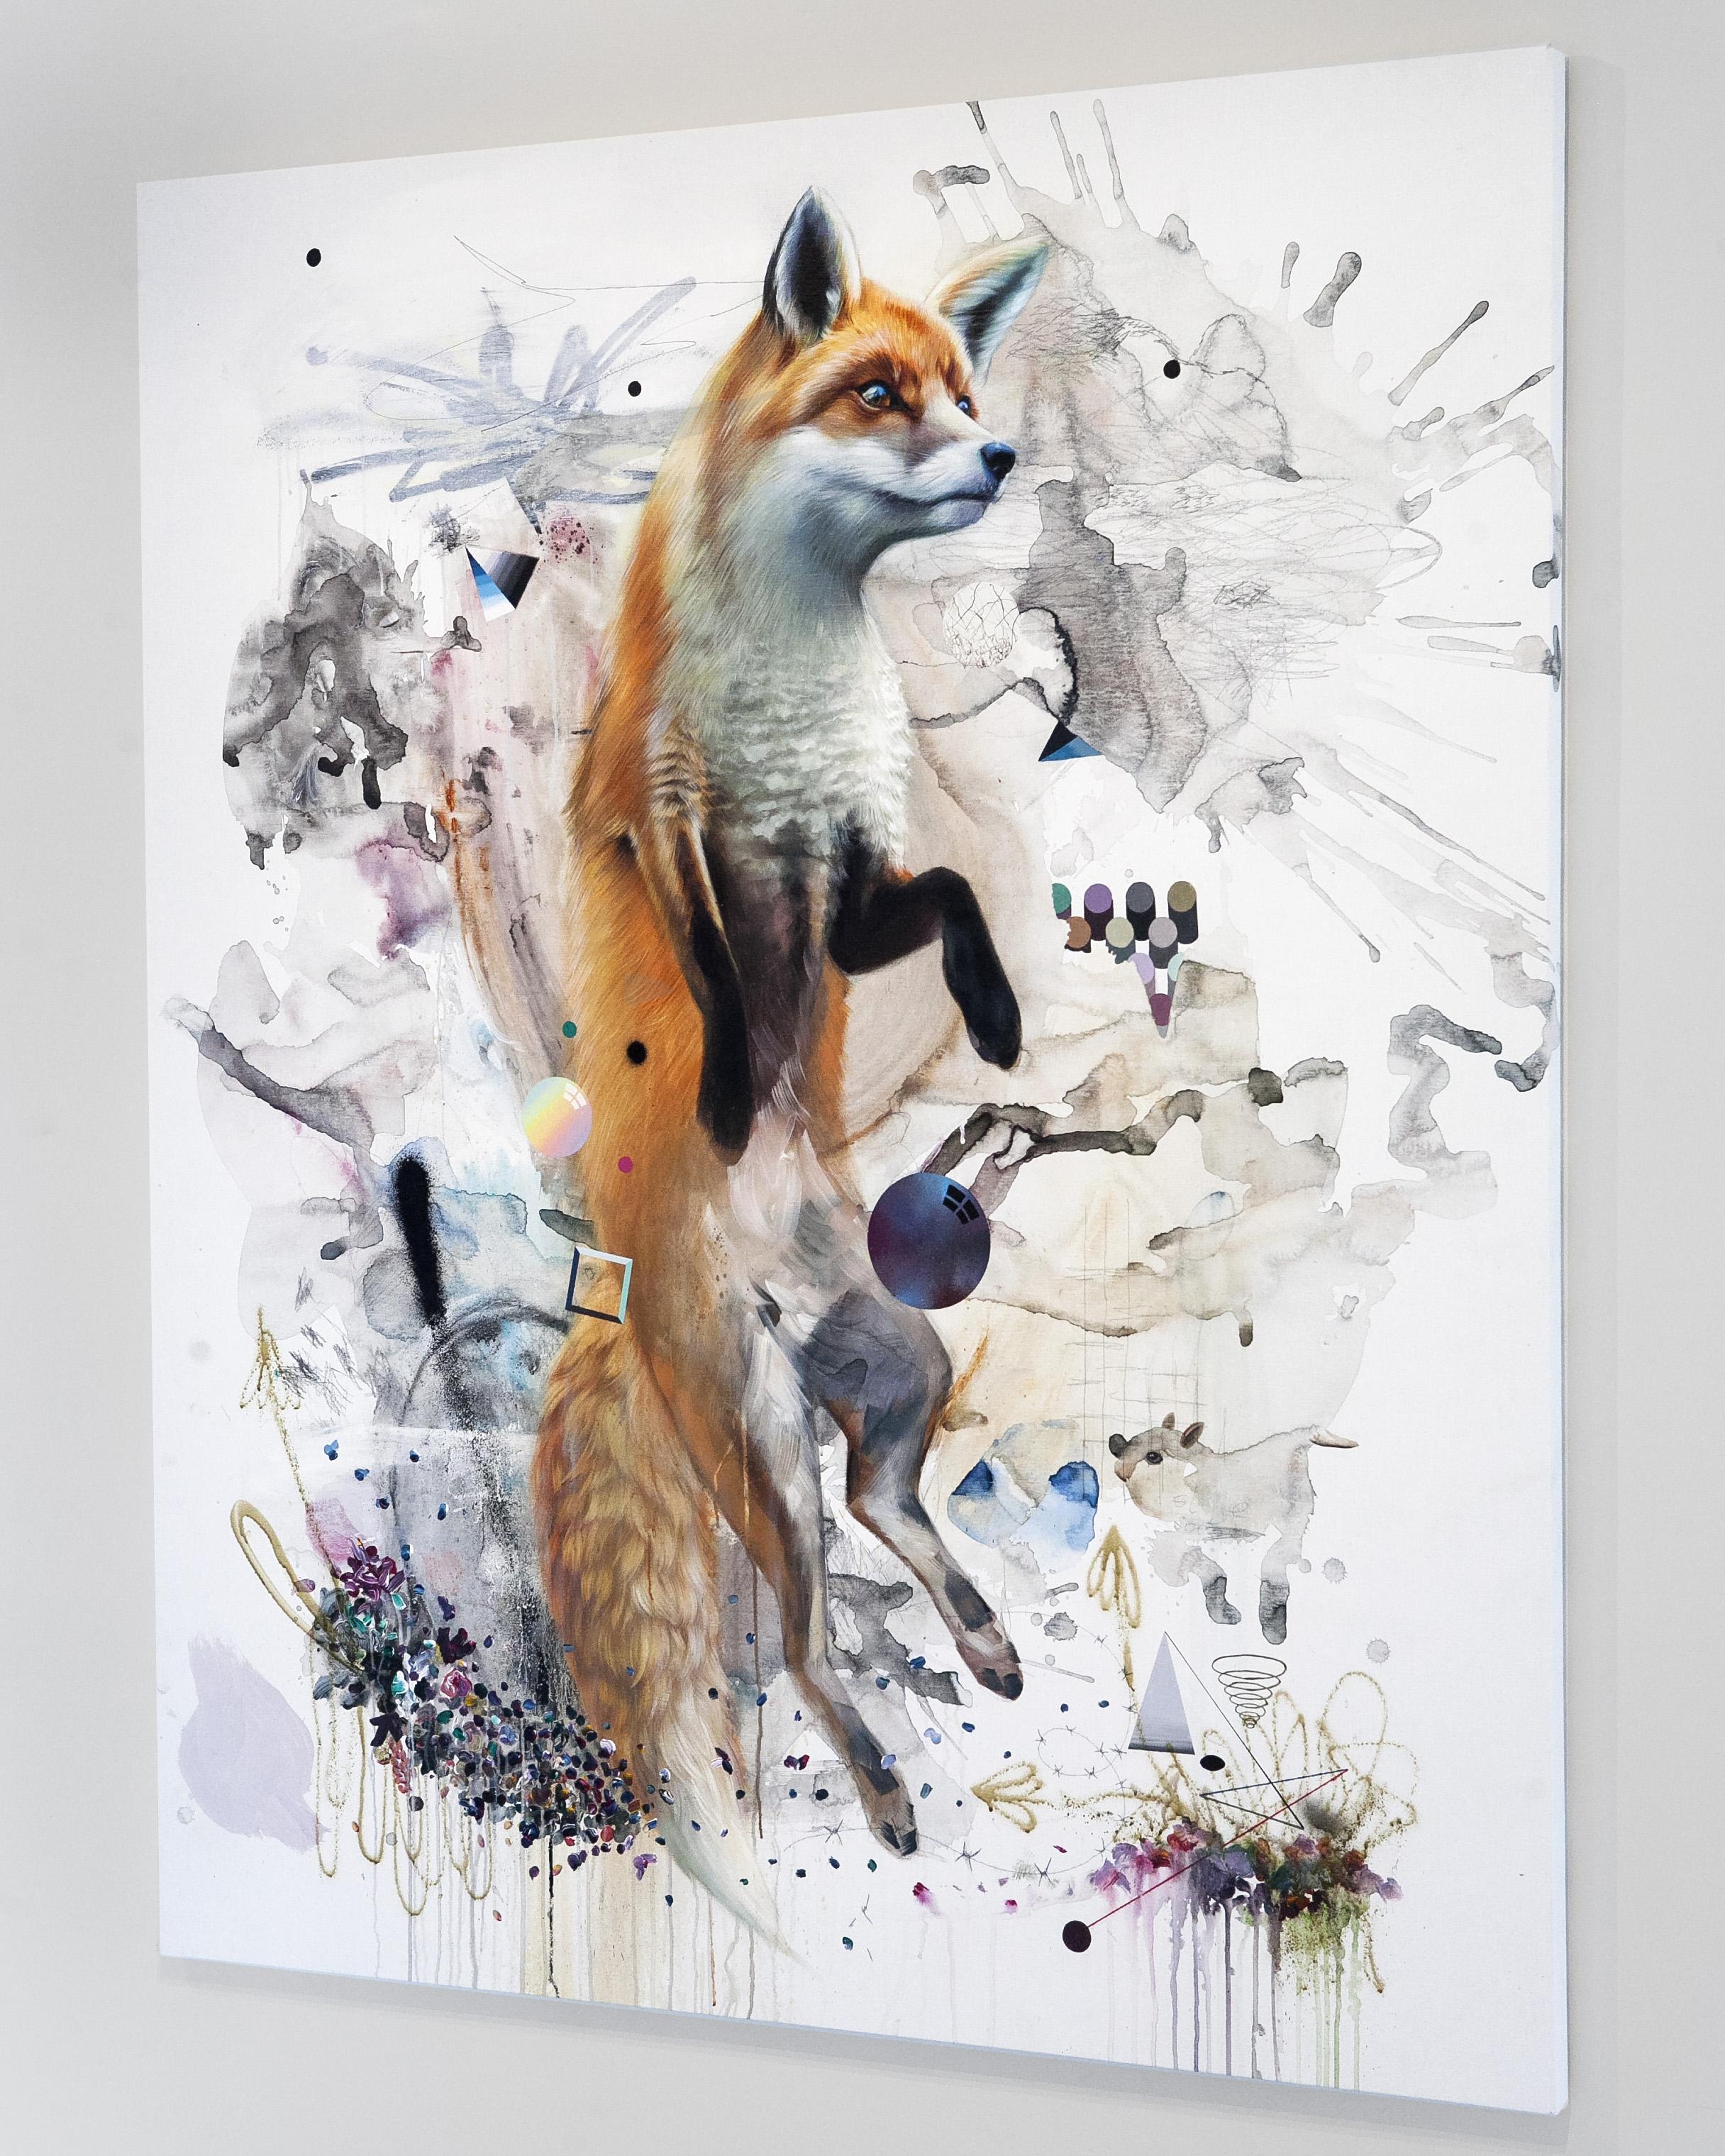 c_sa_fox6.jpg